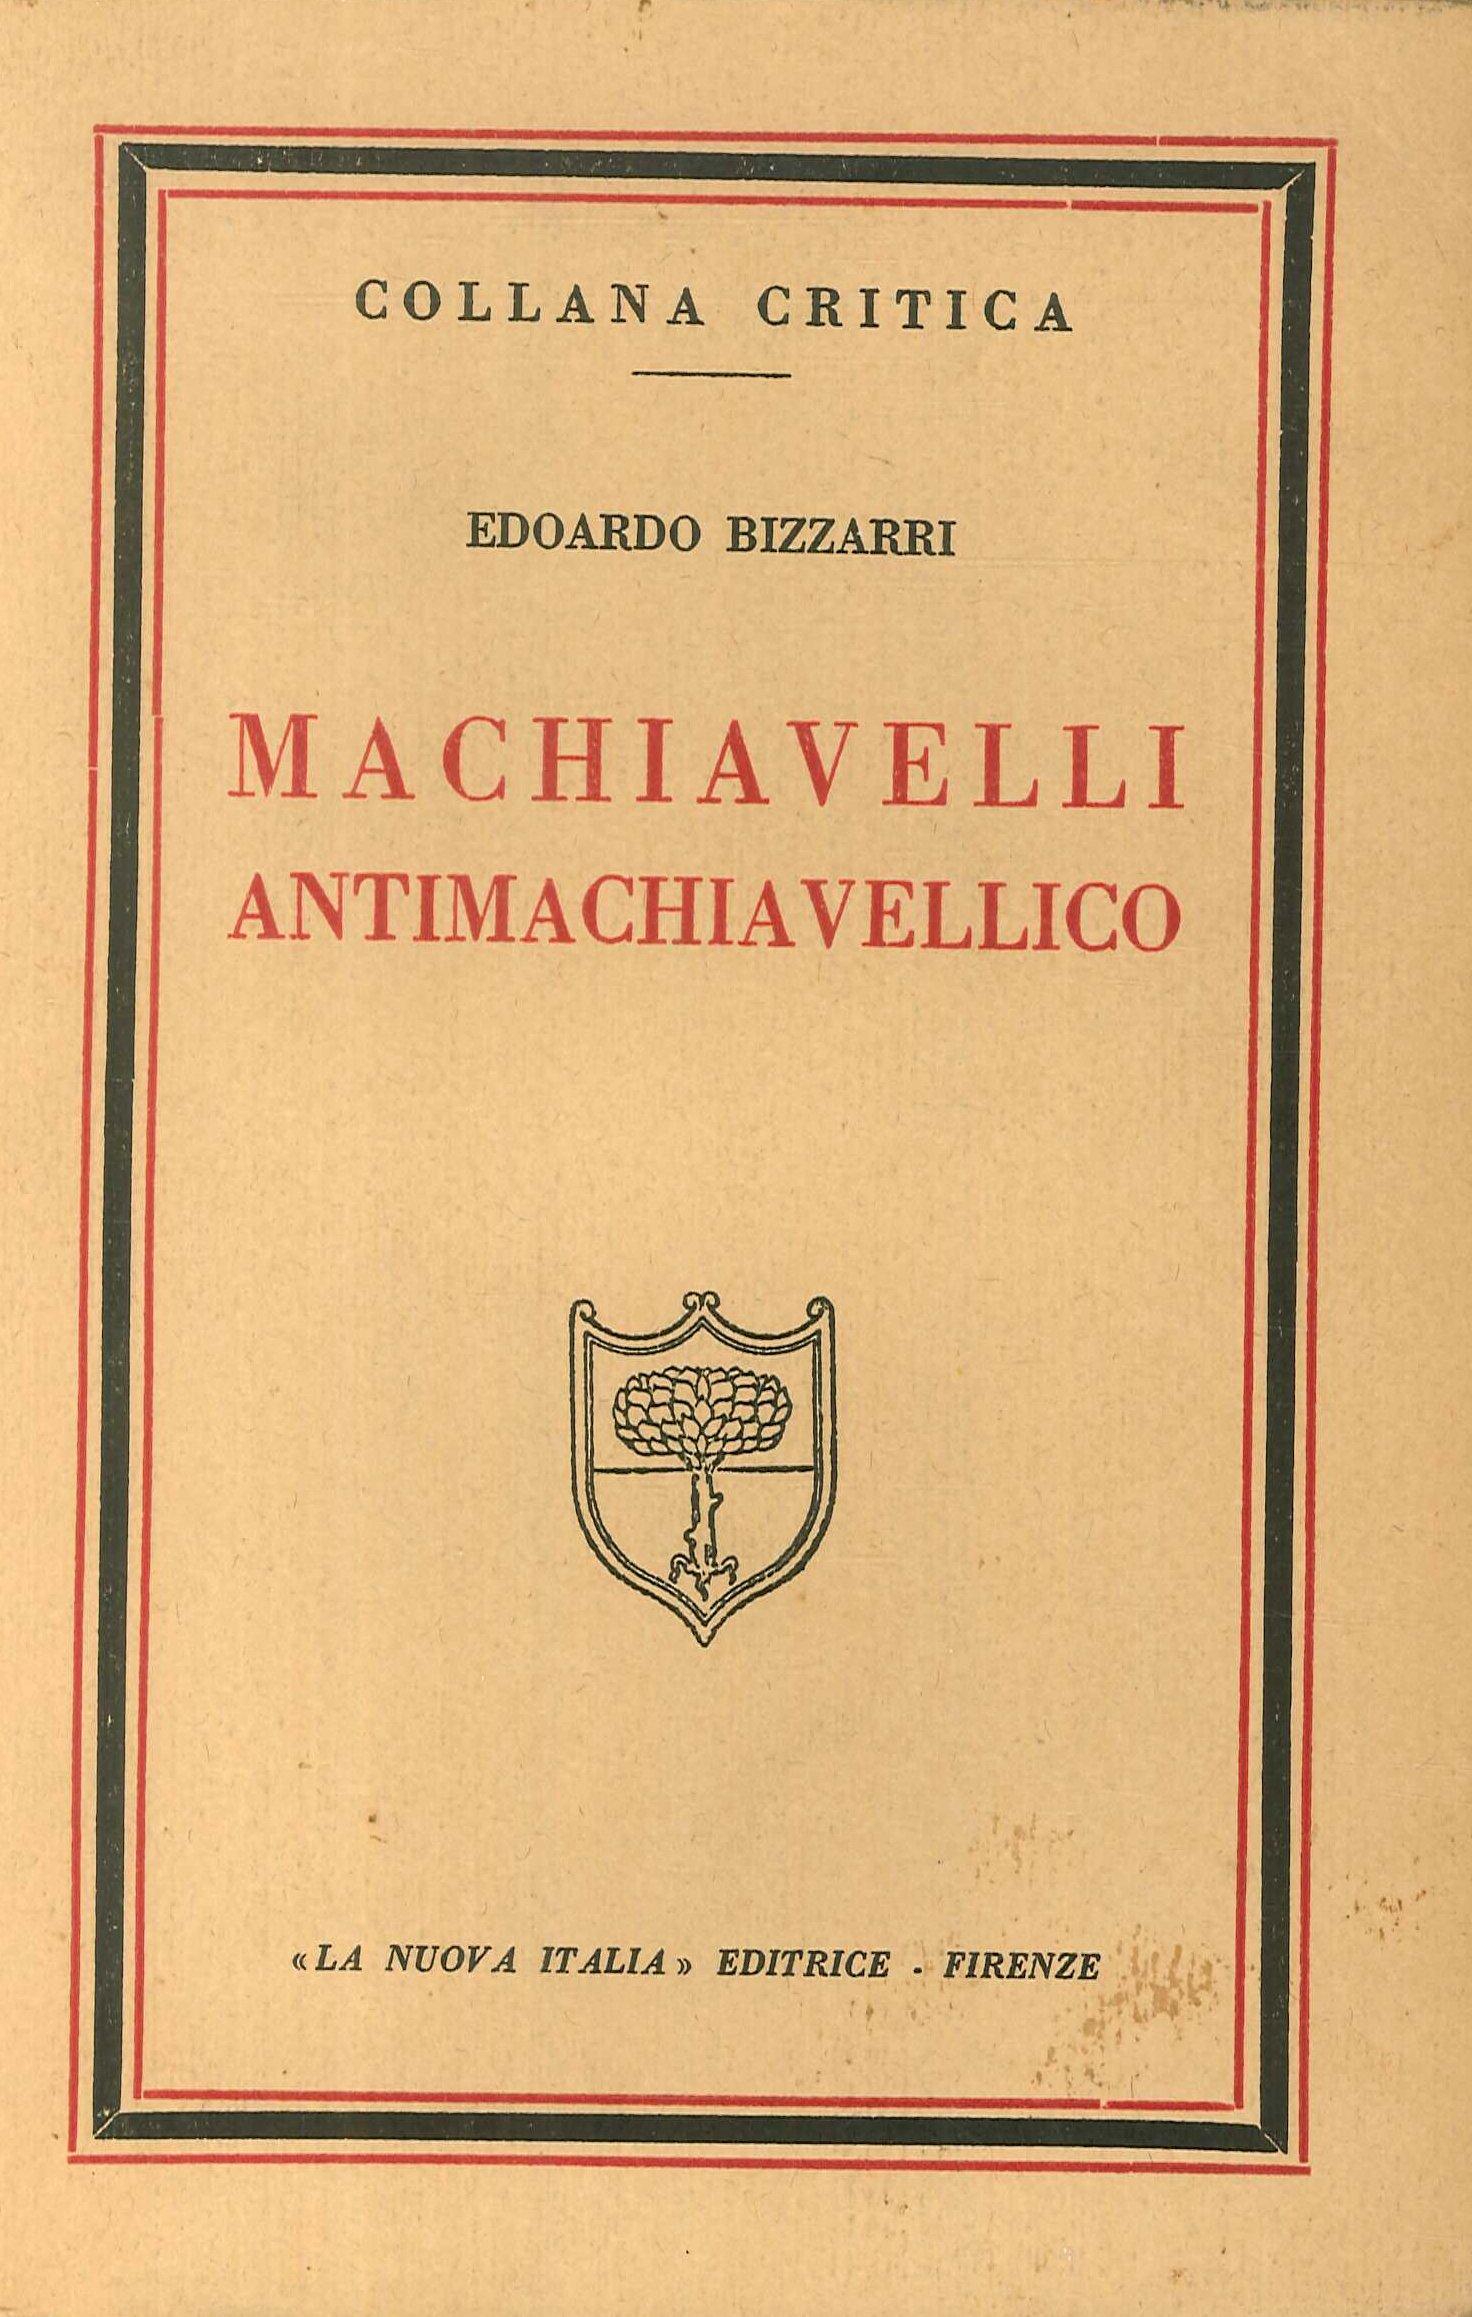 Machiavelli Antimachiavellico.